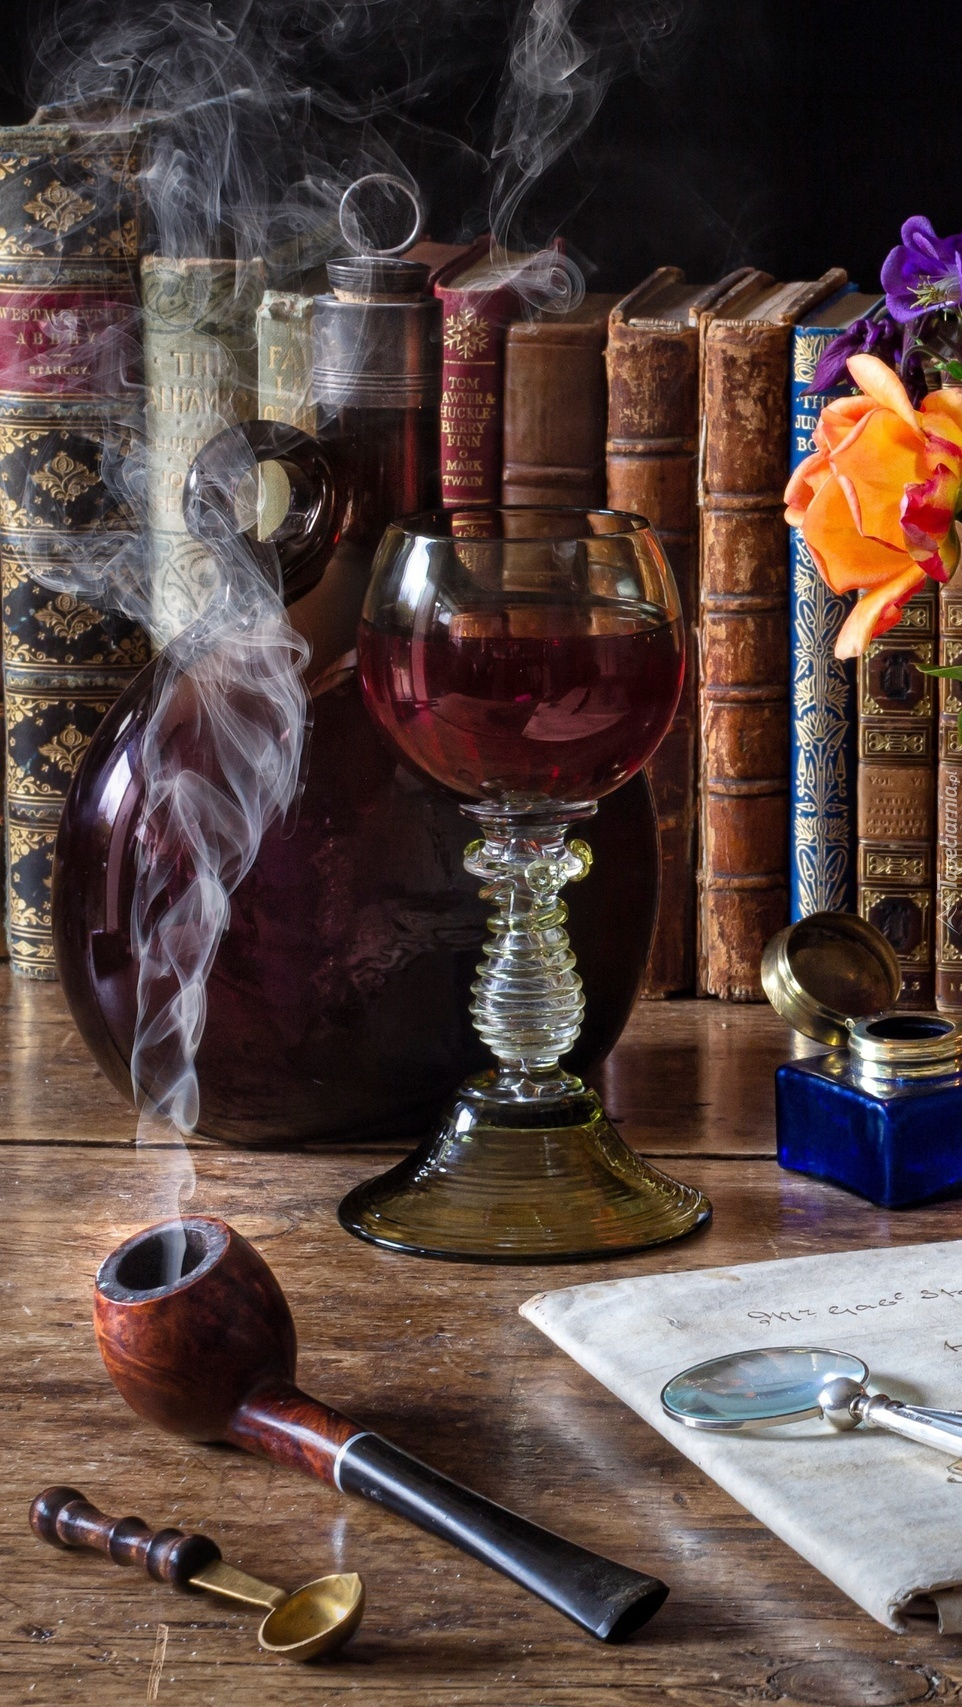 Fajka i kieliszek wina obok książek